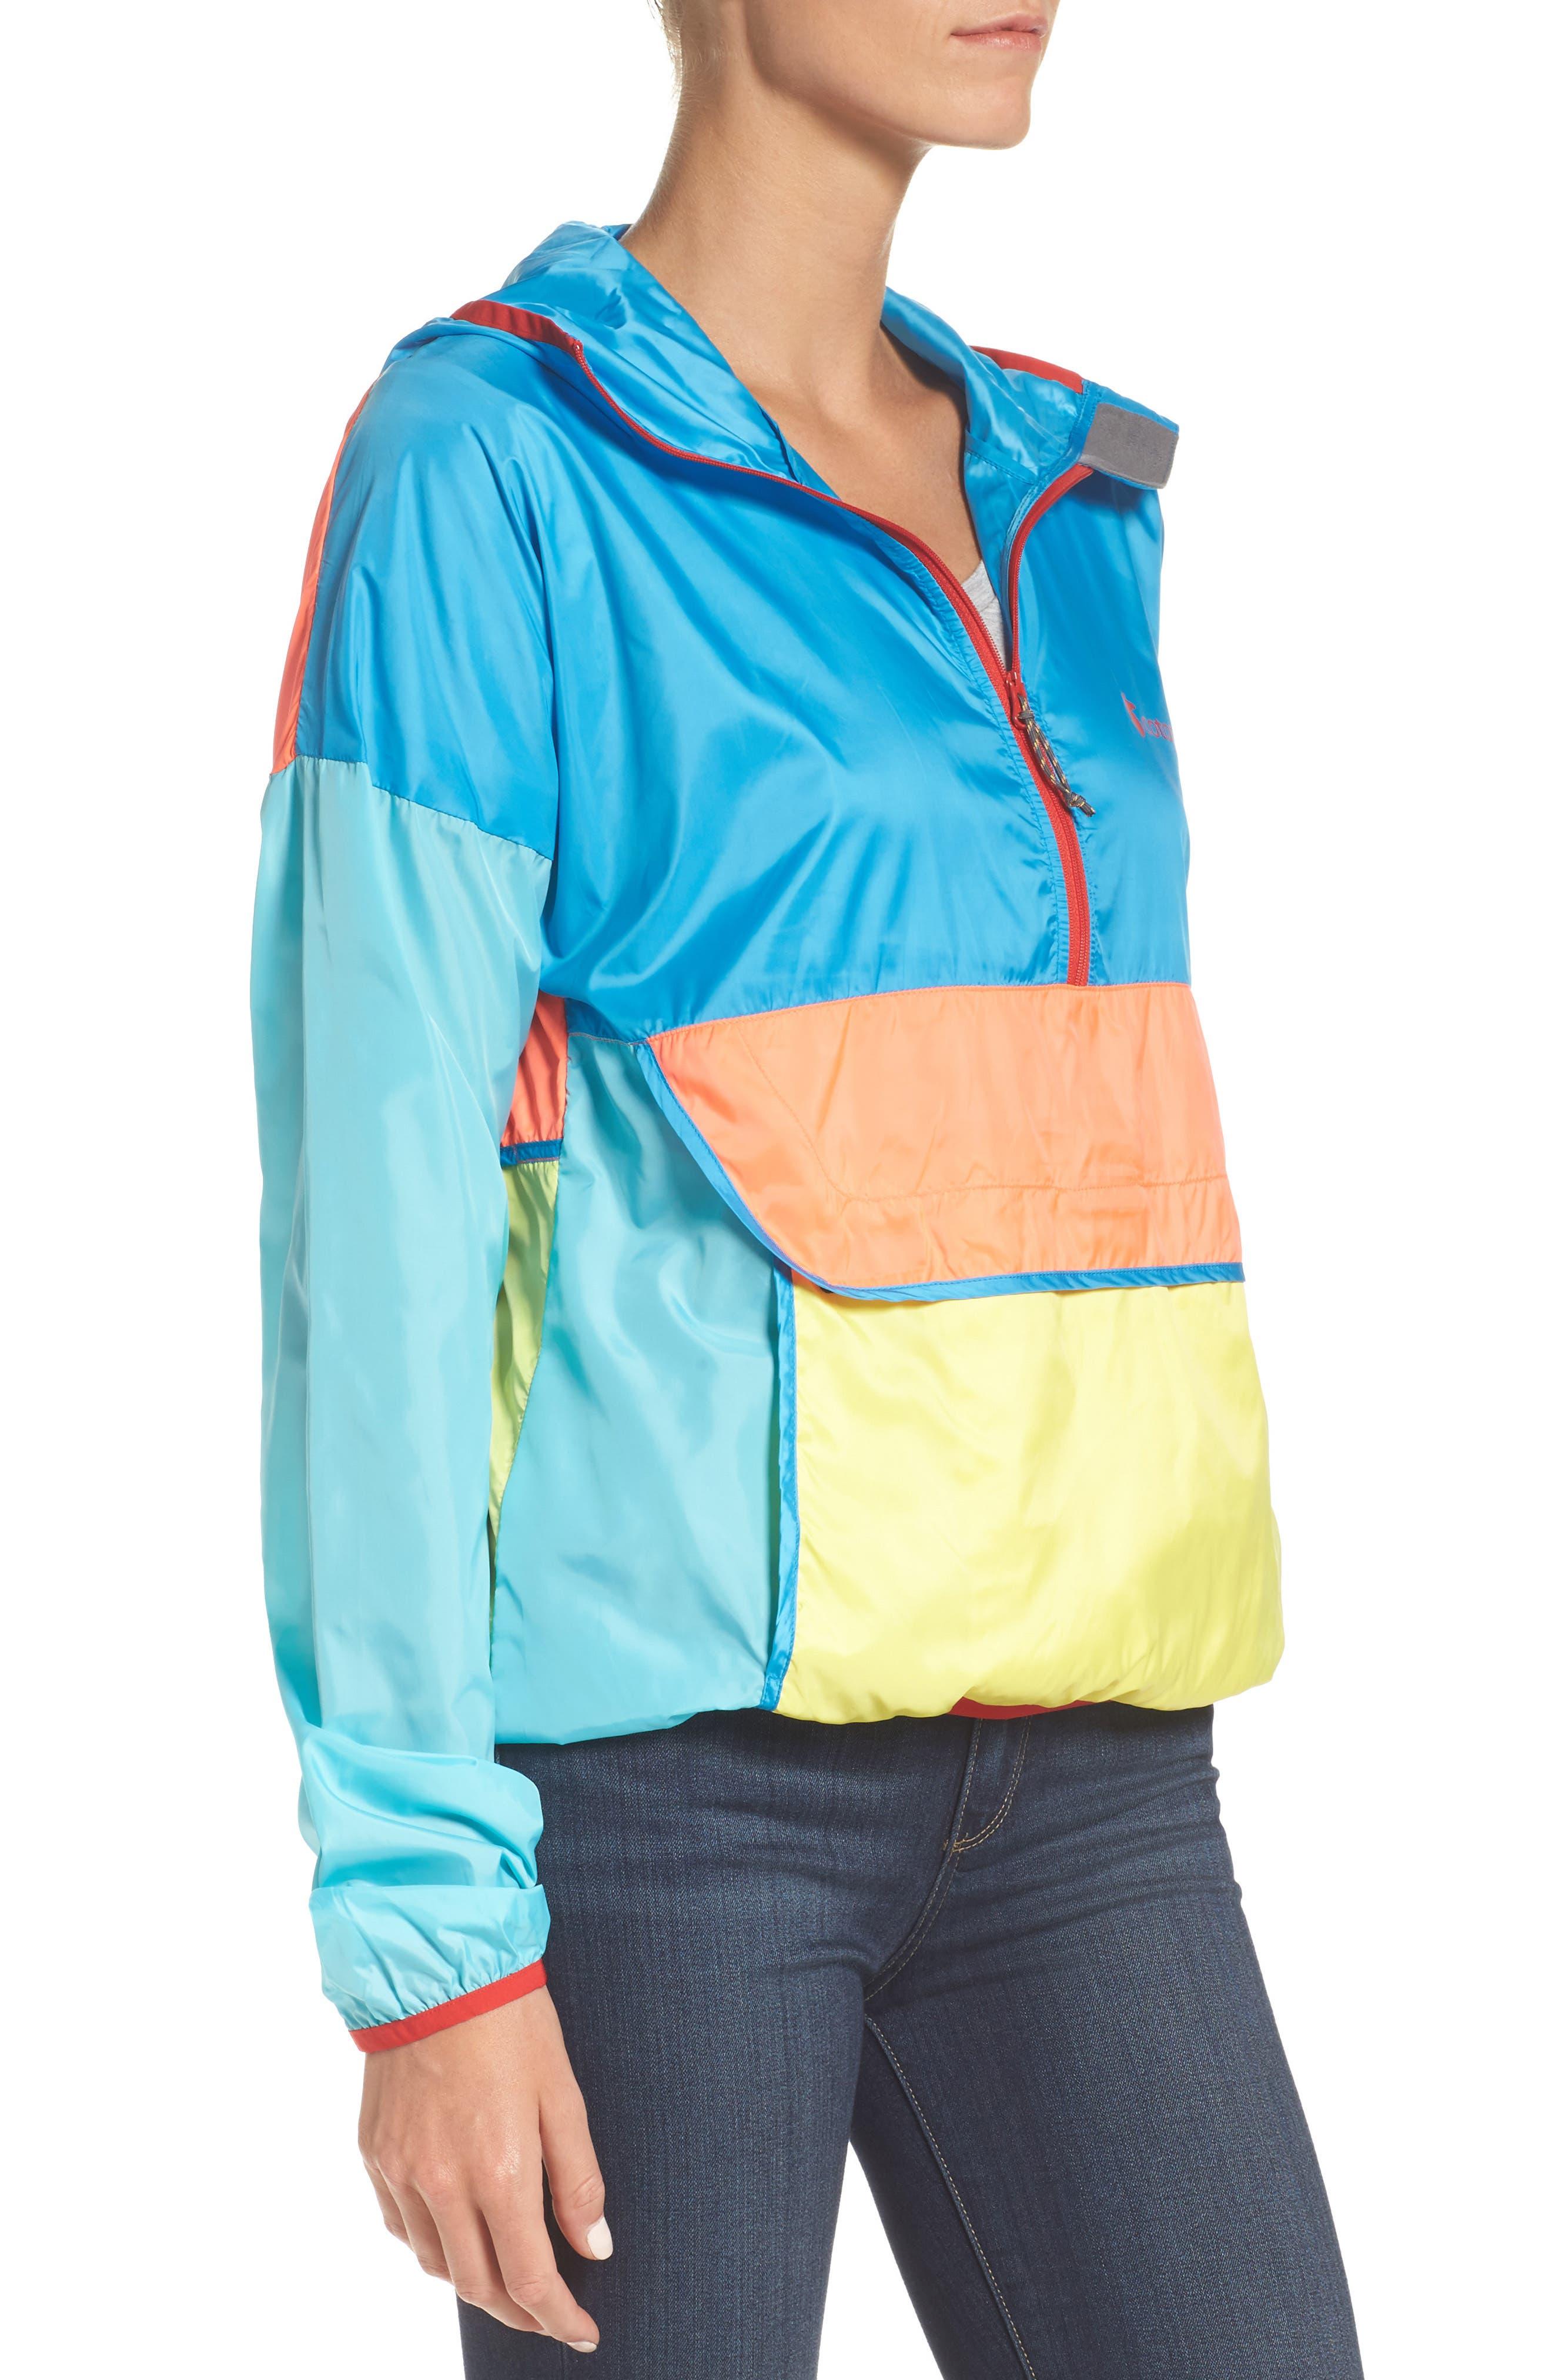 Alternate Image 3  - Cotopaxi Teca Packable Water Resistant Windbreaker Jacket